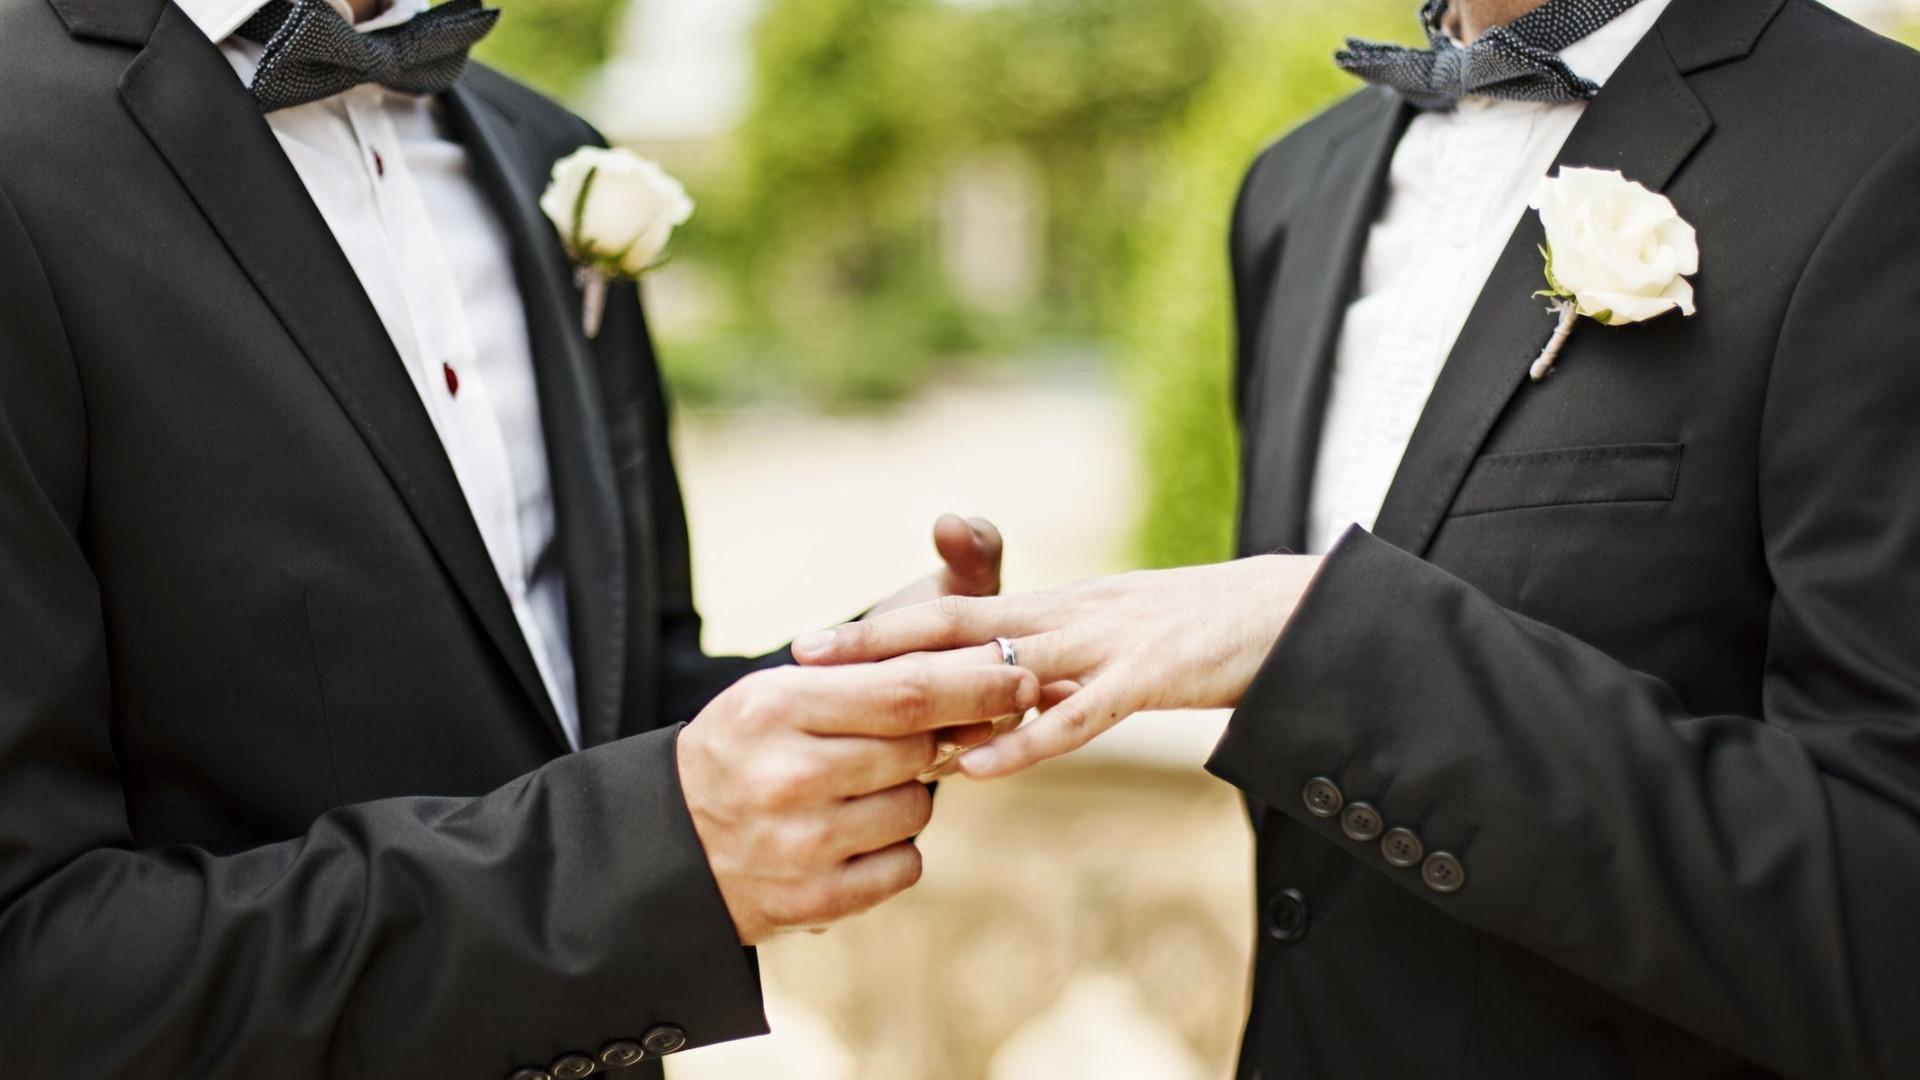 Giuliano, o padre que deixou o sacerdócio para casar com o namorado